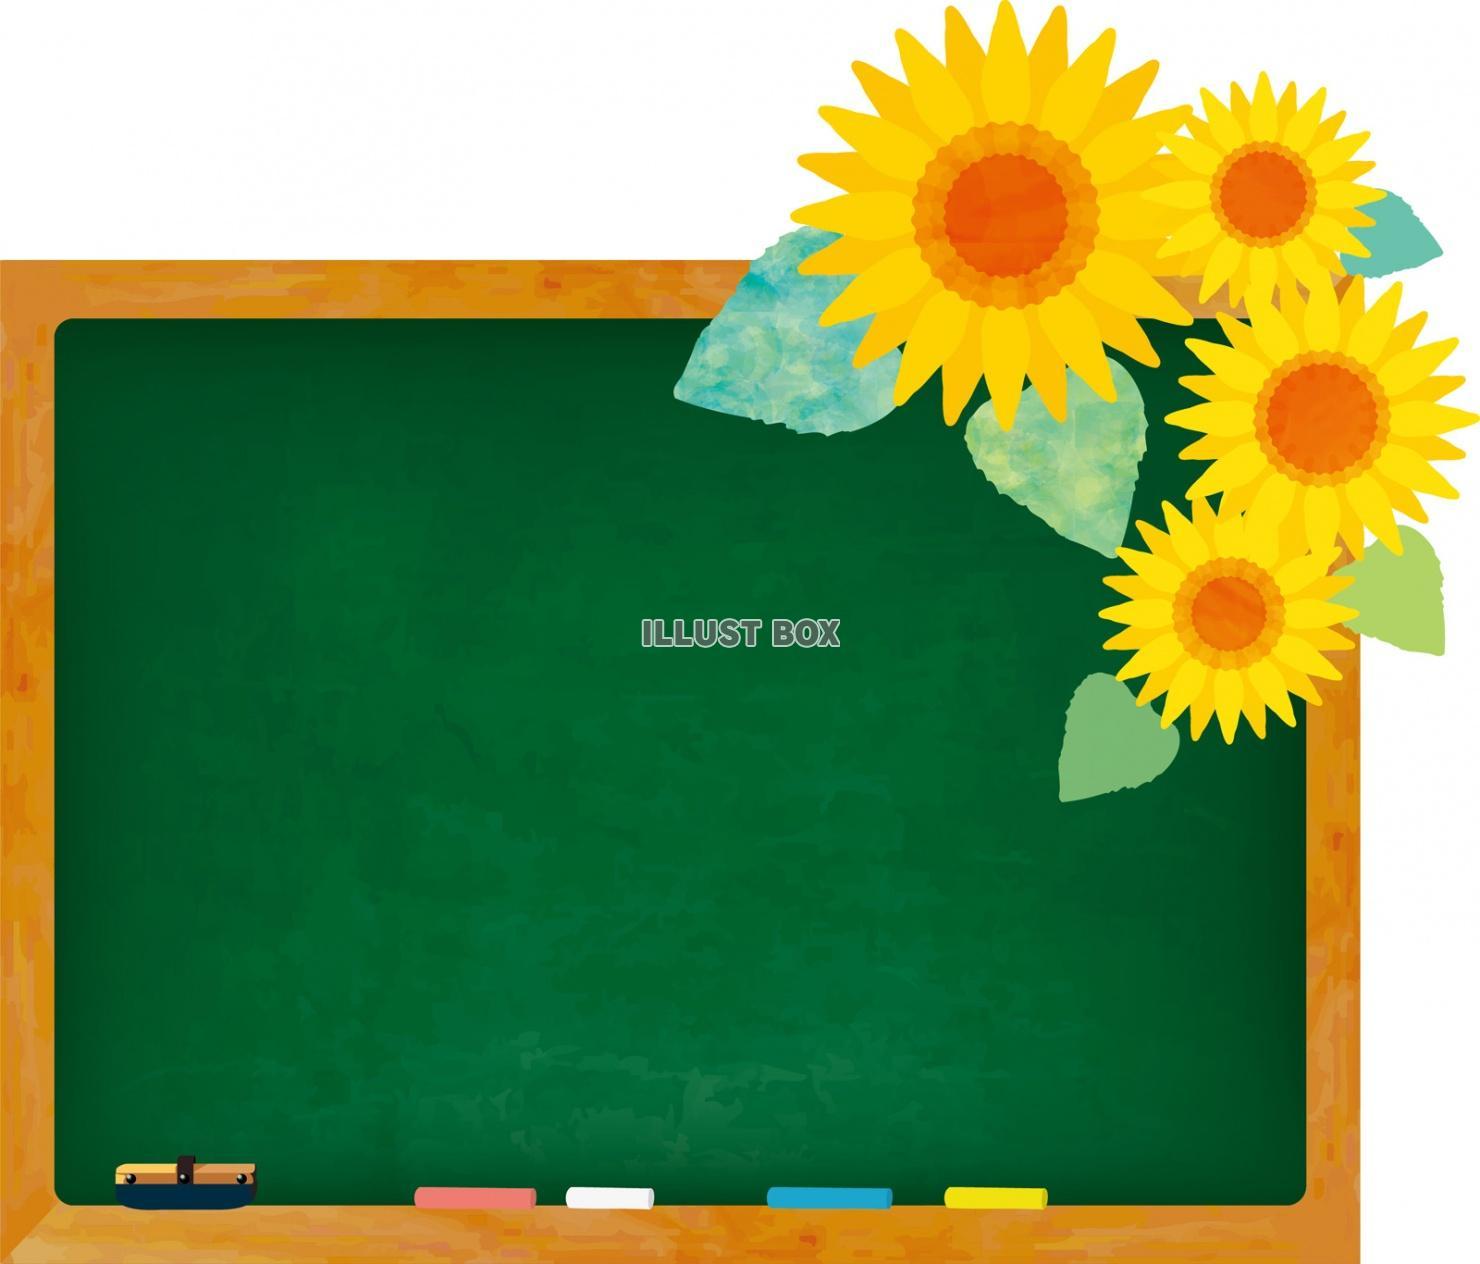 無料イラスト 黒板 ひまわり 夏休み フレーム 背景 飾り枠 壁紙 水彩